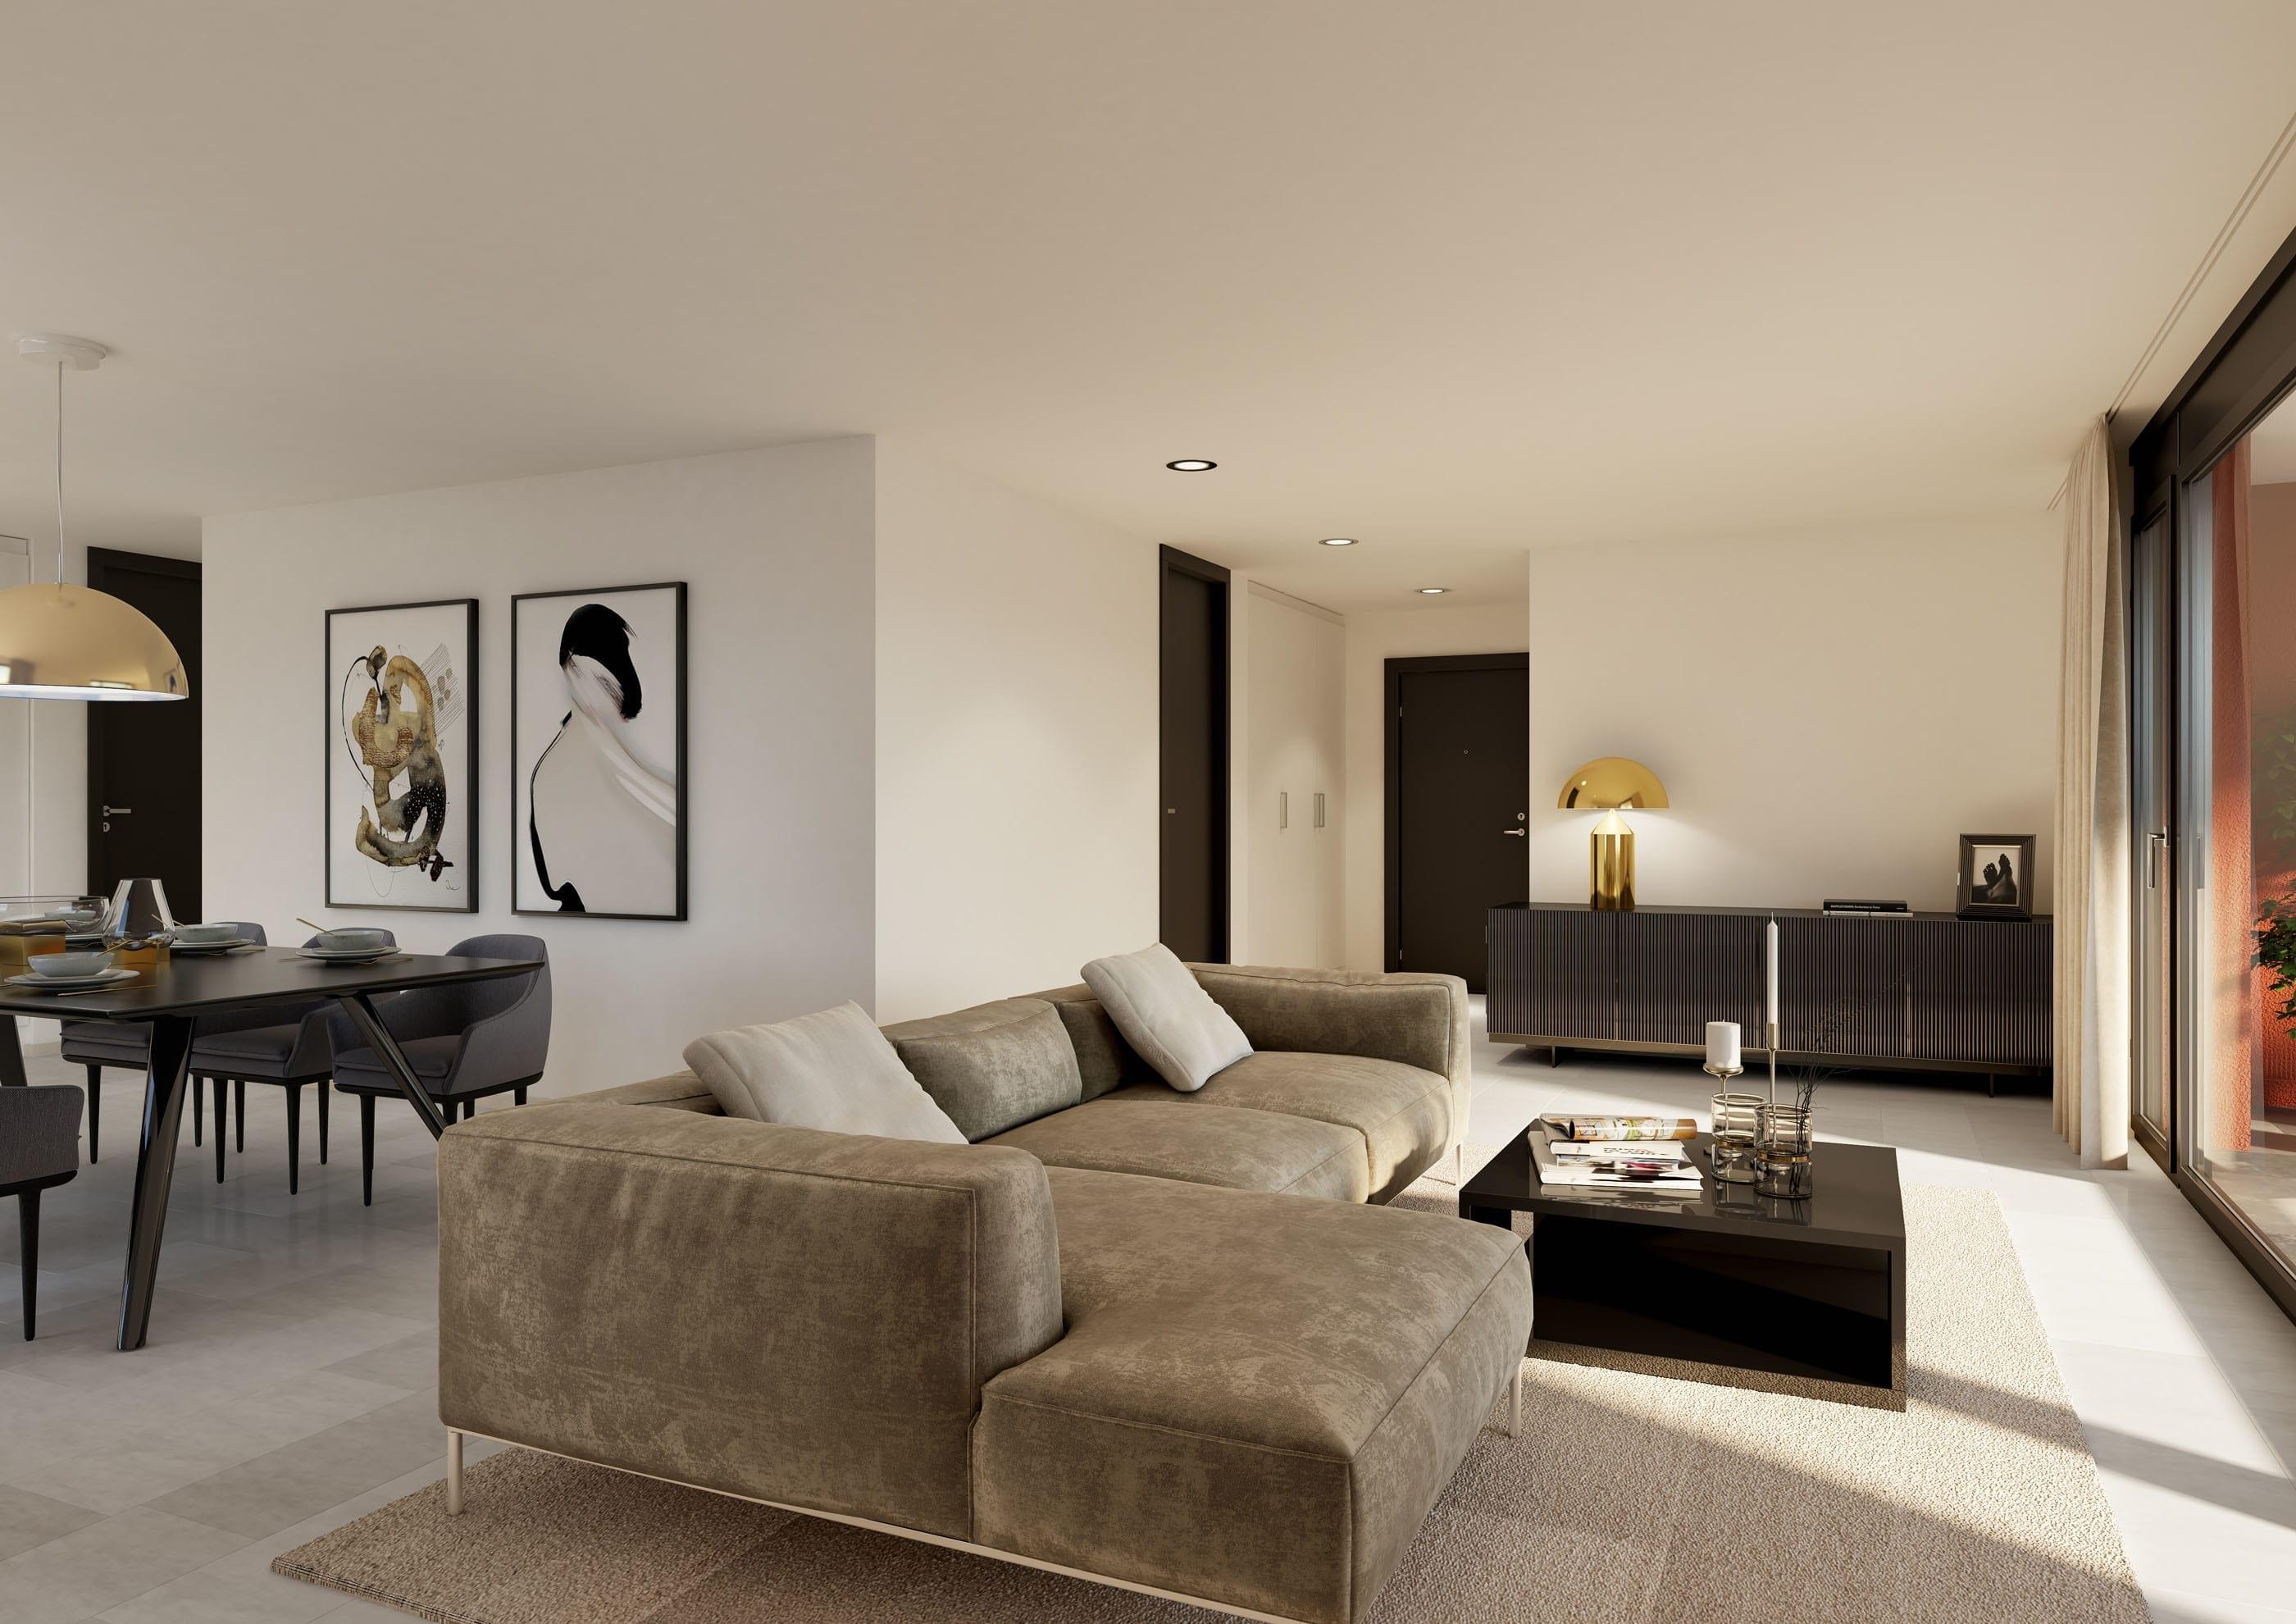 Visualisierung Wohnzimmer - Top Style Einrichtung - MFH Bubikon